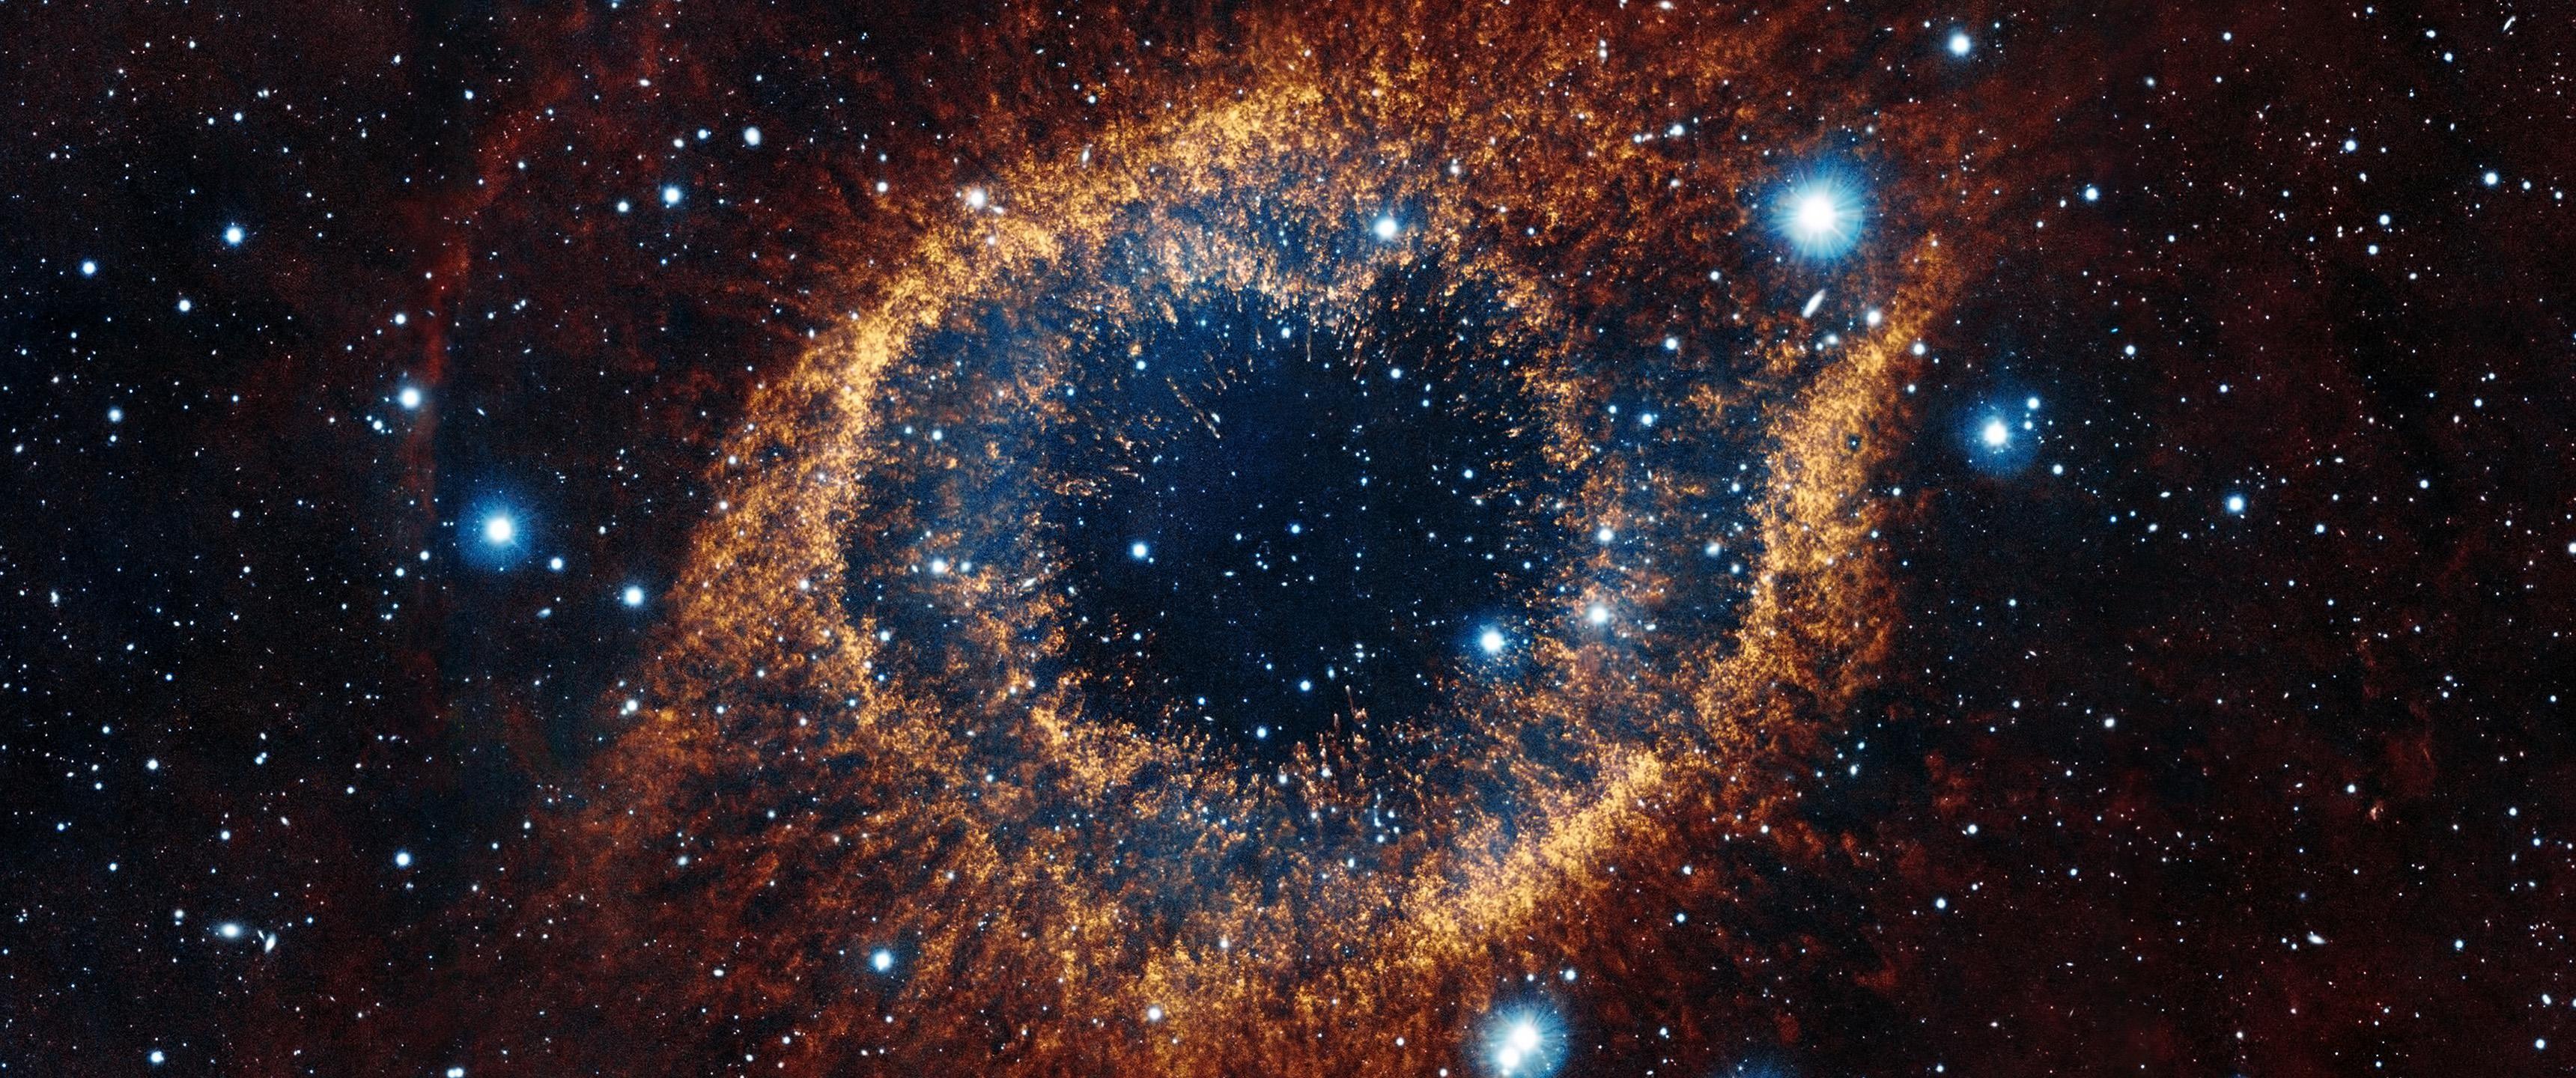 Space Nebula Helix Nebula Space Art Stars 3440x1440